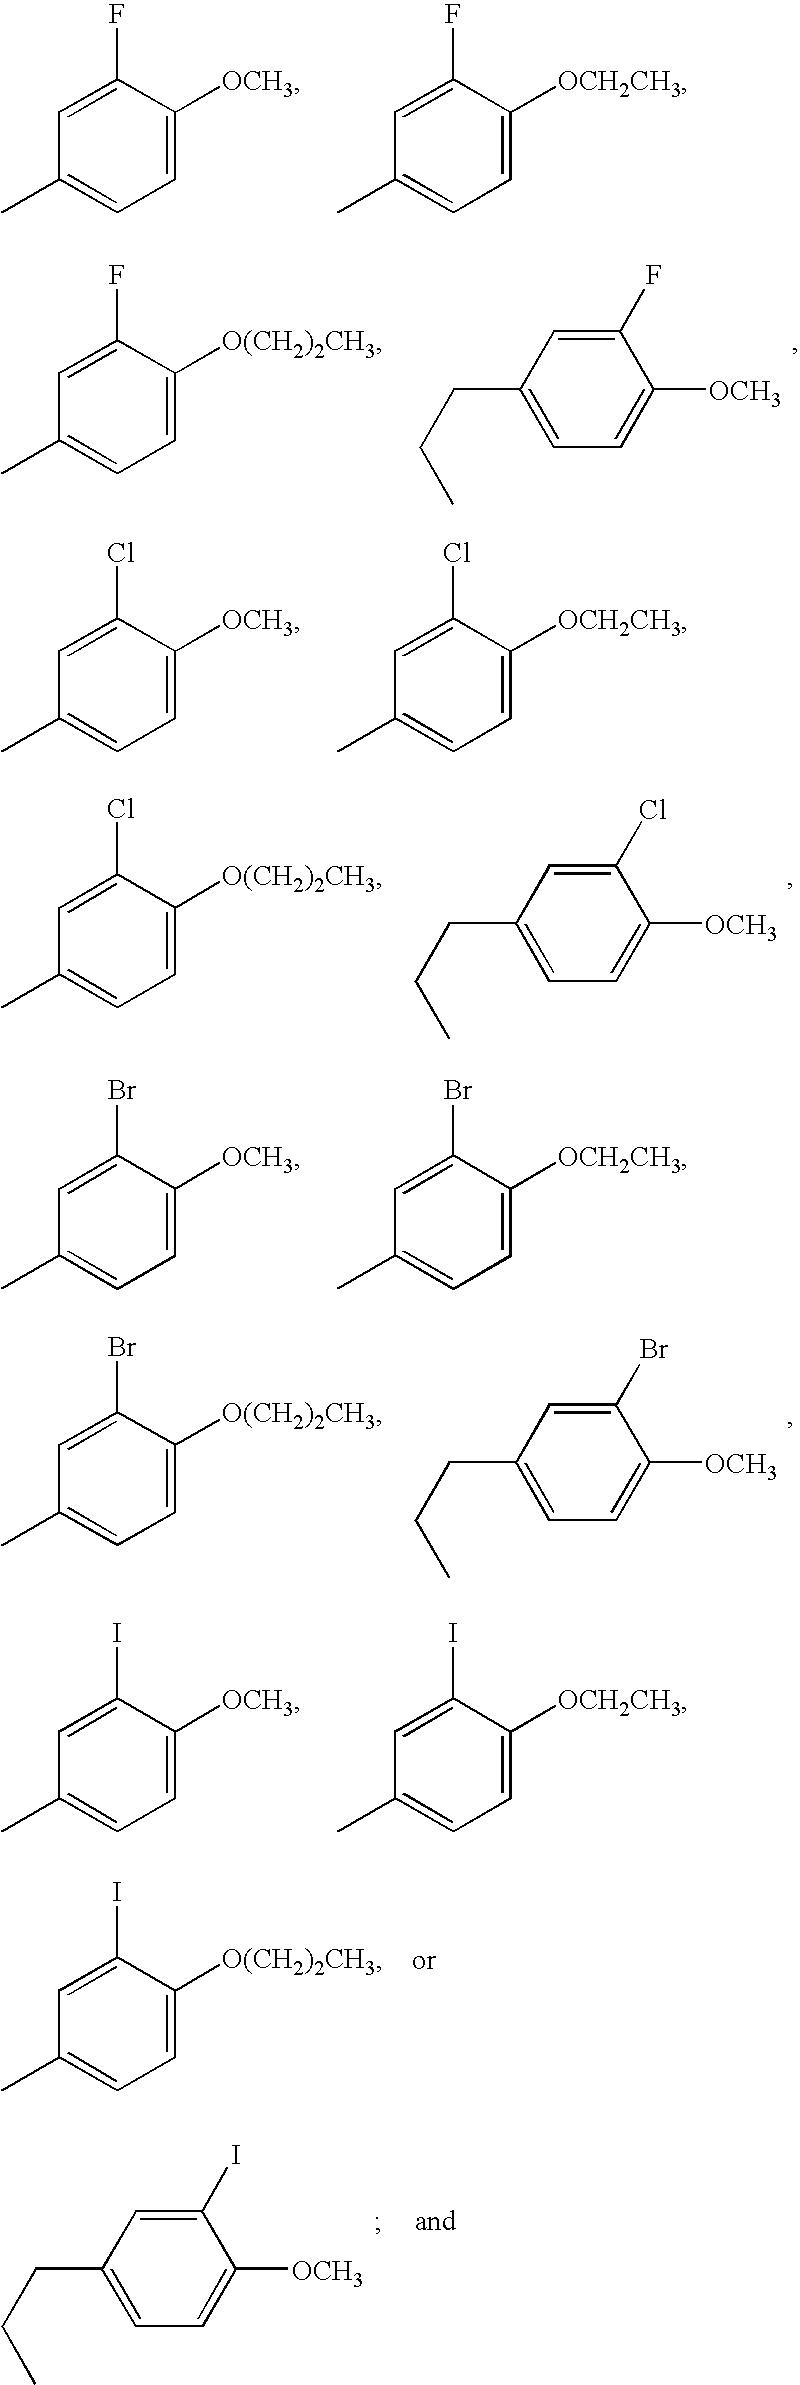 Figure US20050113341A1-20050526-C00075